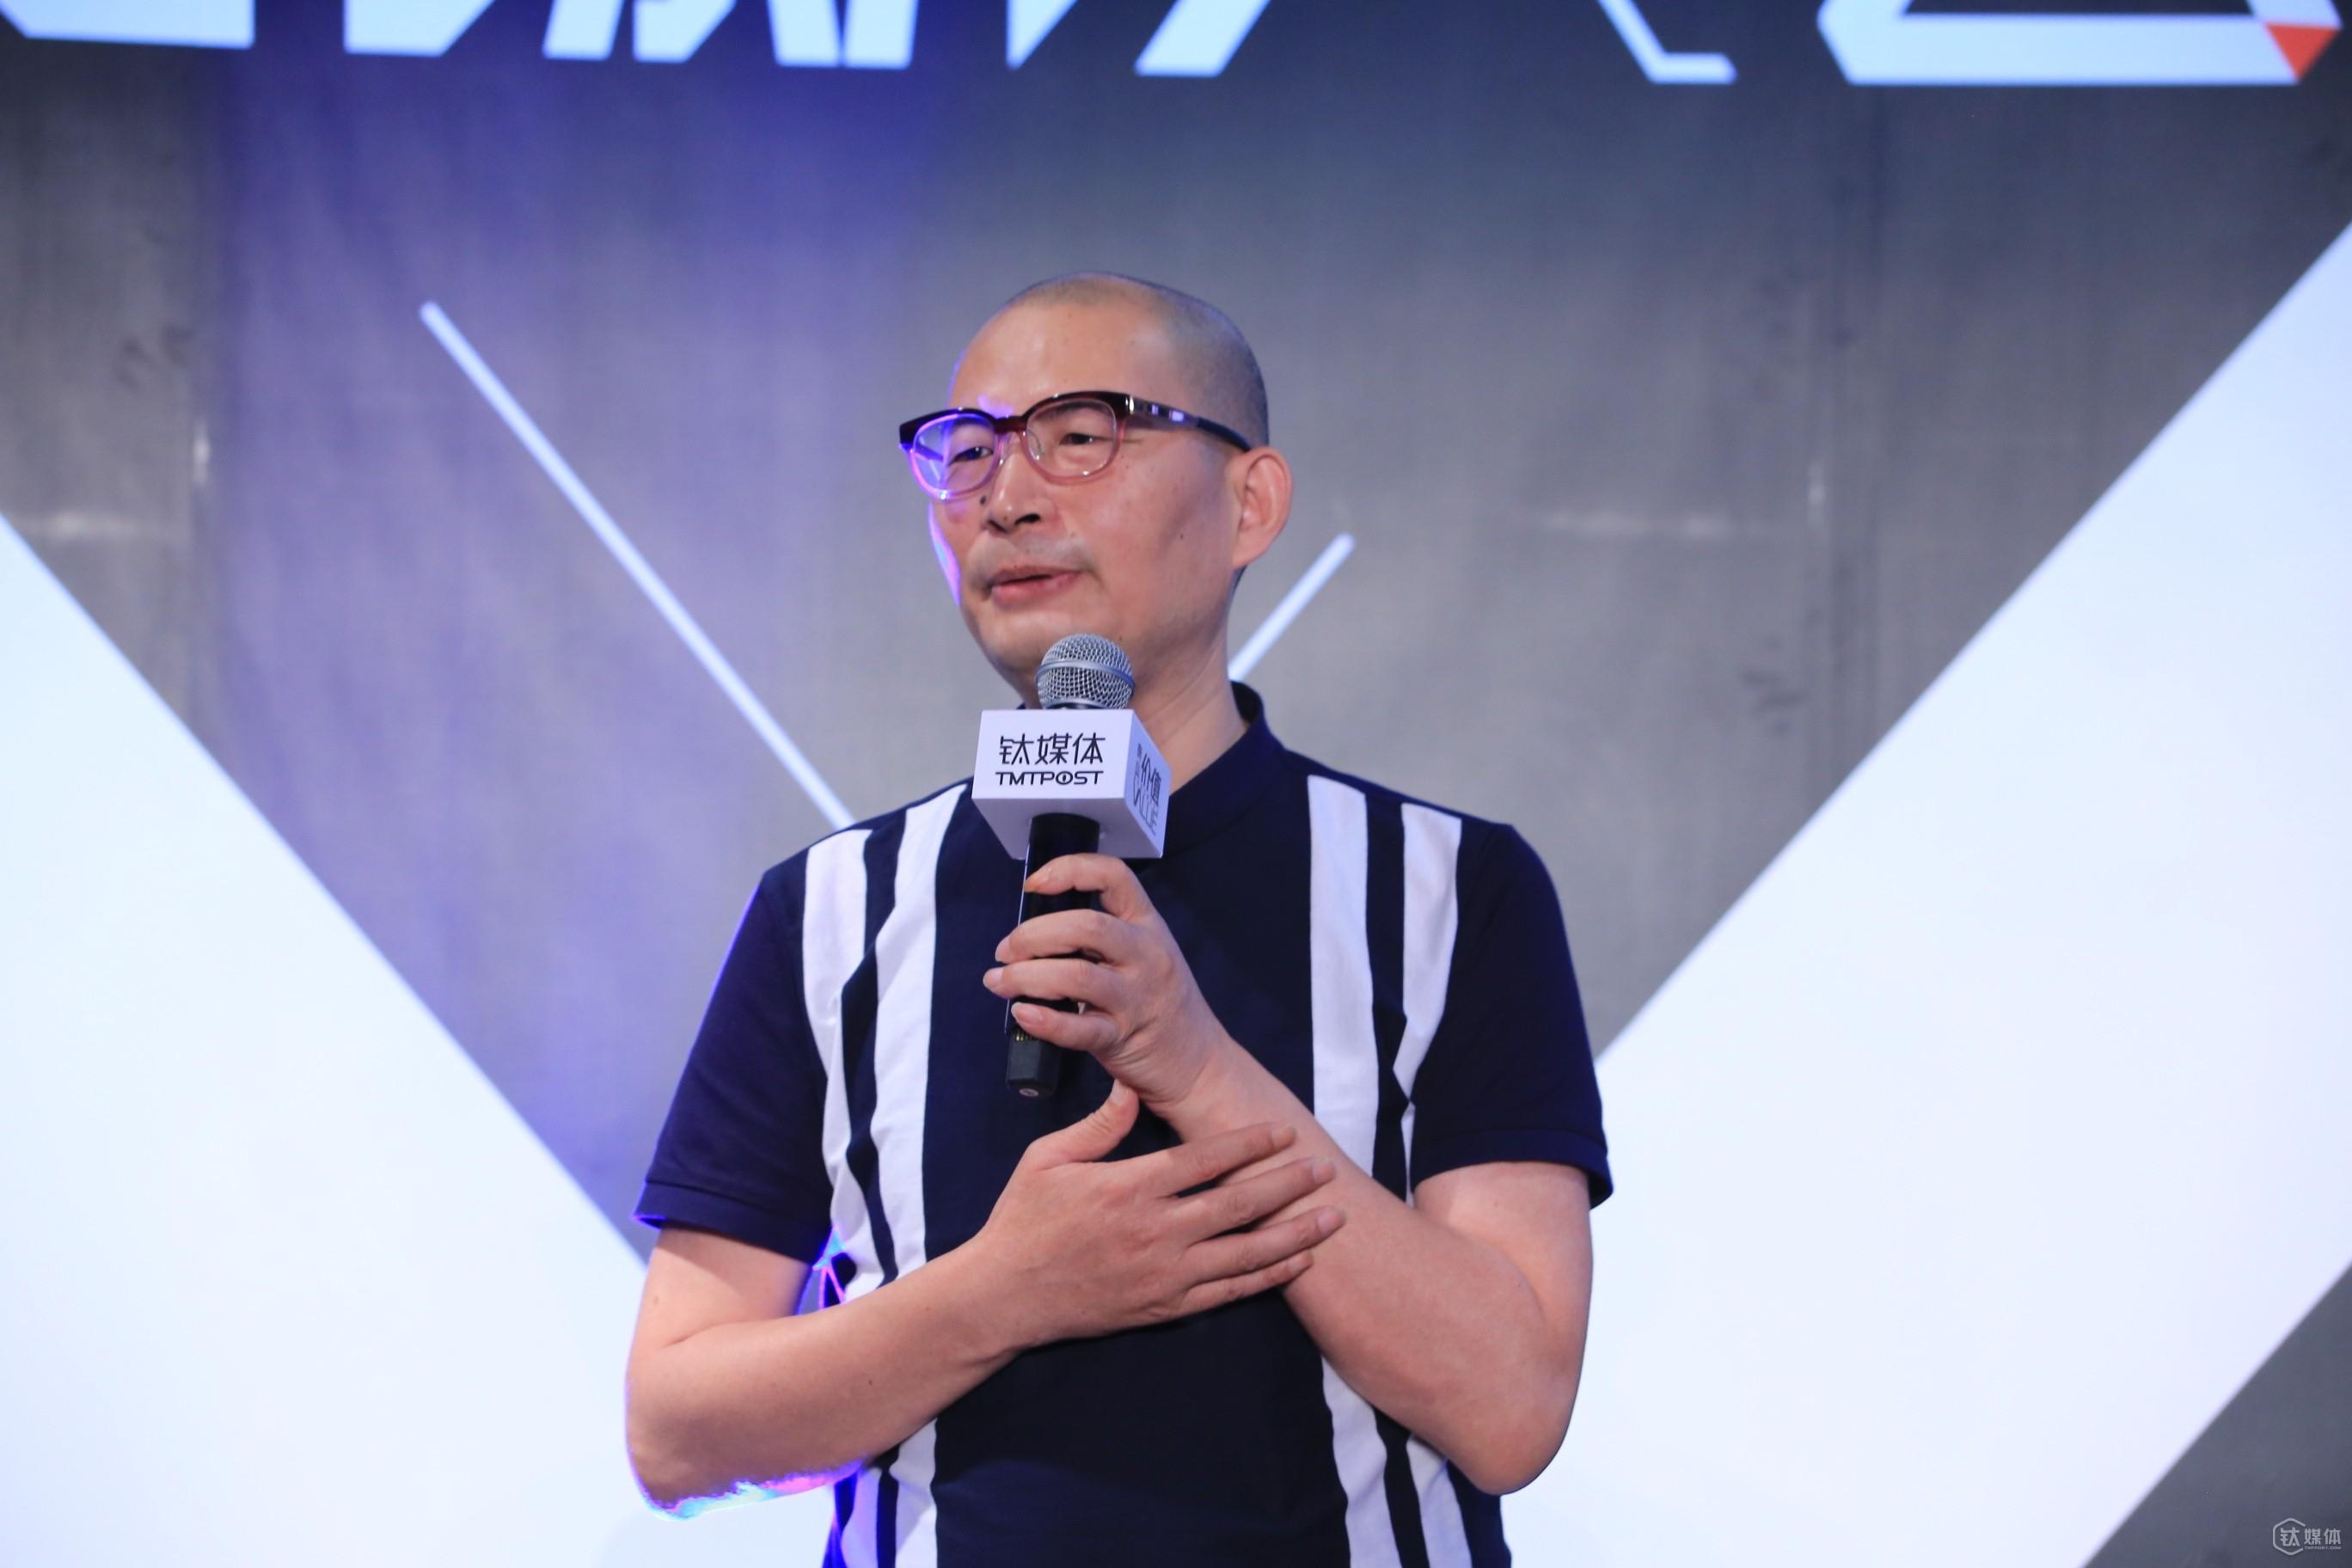 浙江贝鸟电动车有限公司董事长朱传东在MIIC